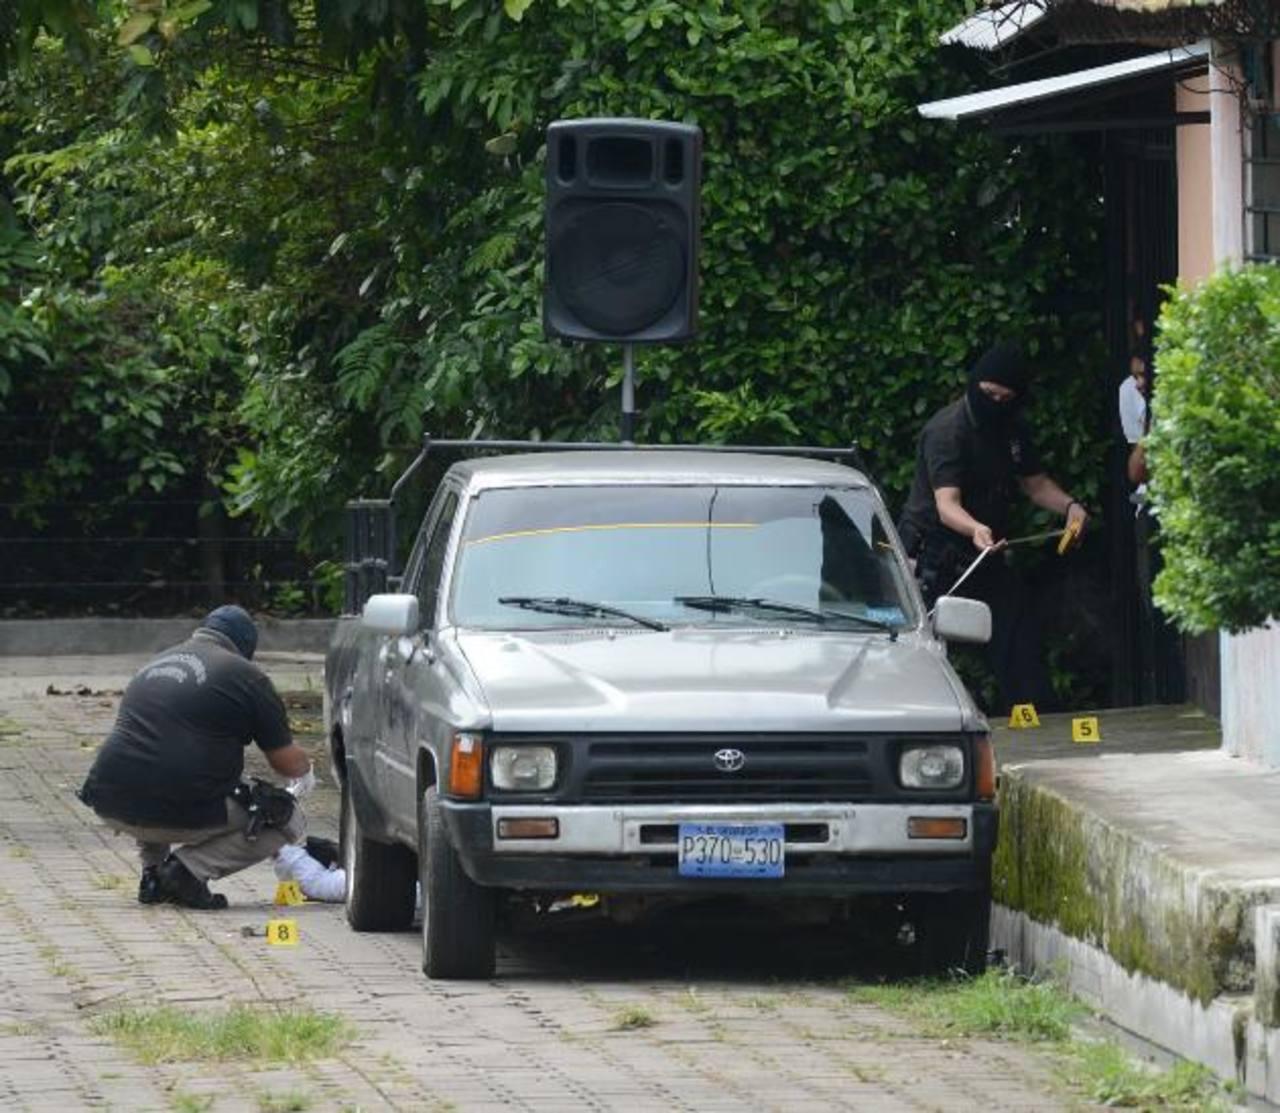 Investigadores recogen evidencias del sitio donde ayer asesinaron a Ulises Oswaldo Mejía, de 37 años, mientras predicaba junto a un pastor evangélico. Foto EDH / DOUGLAS URQUILLA.